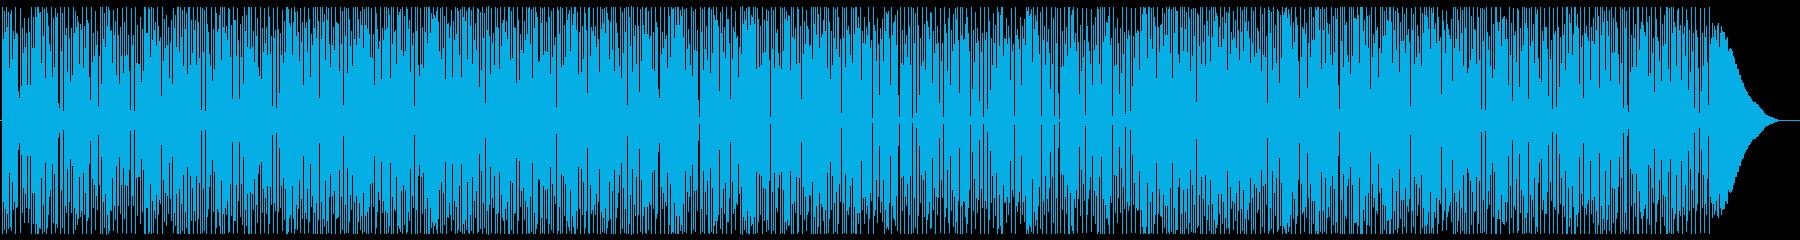 シンプル・医療・科学・データ系の再生済みの波形